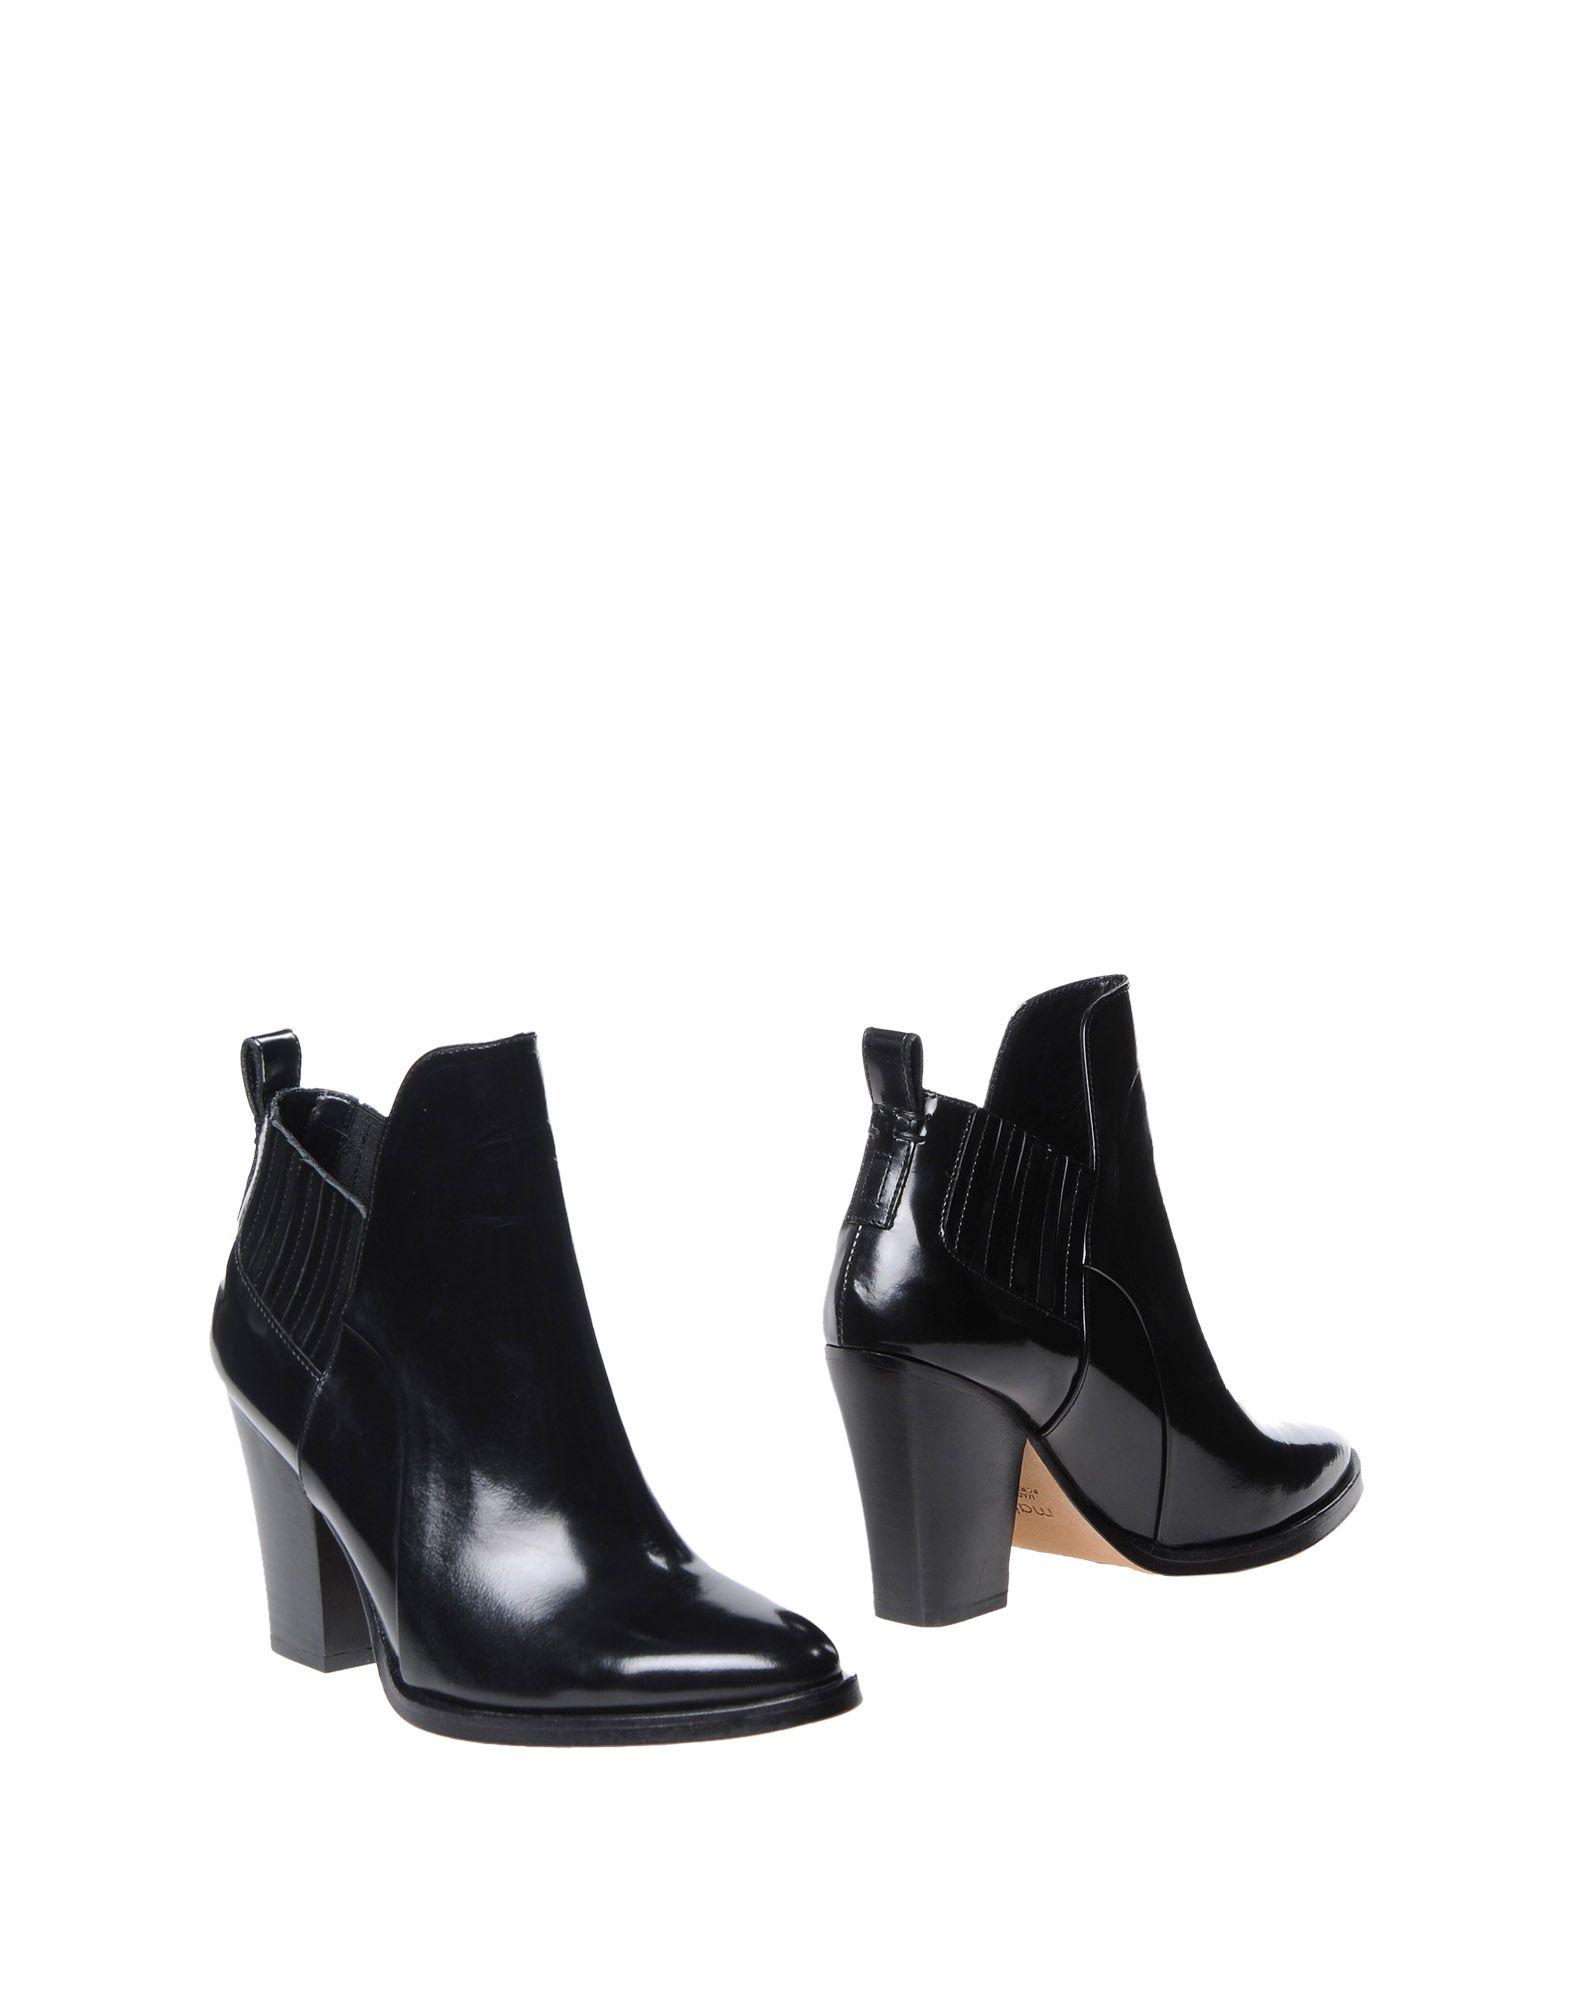 Maje Stiefelette Damen  11218342XF Schuhe Heiße Schuhe 11218342XF bfbe78